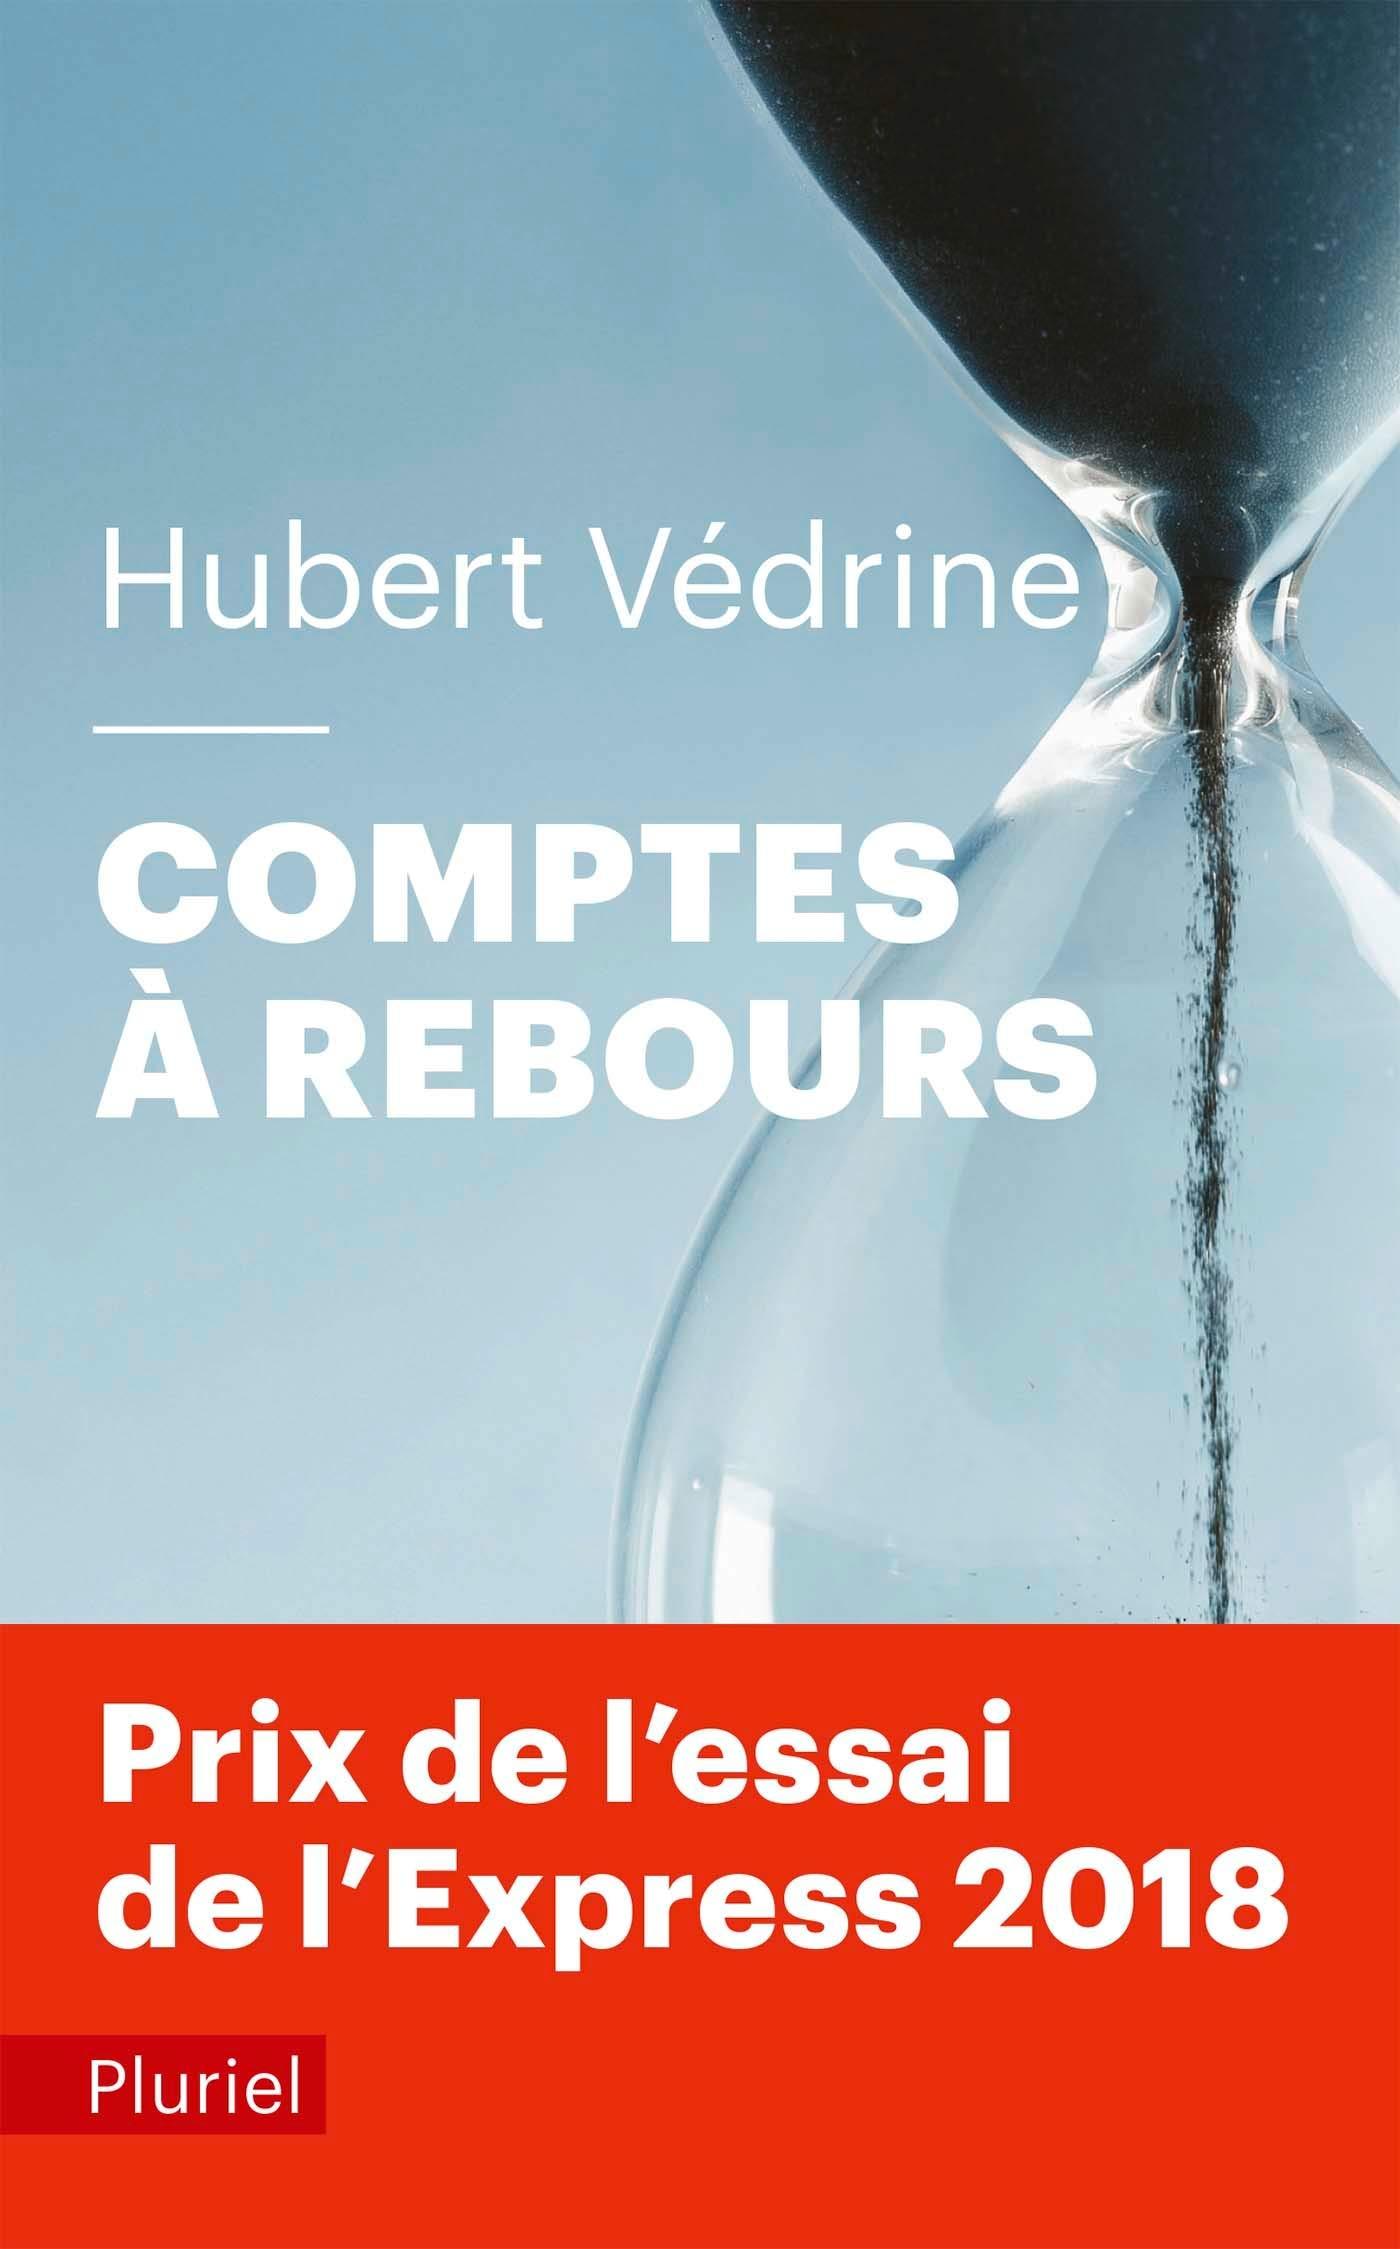 """""""Comptes à Rebours"""" d'Hubert Védrine a été publié en 2018 aux éditions Fayard."""